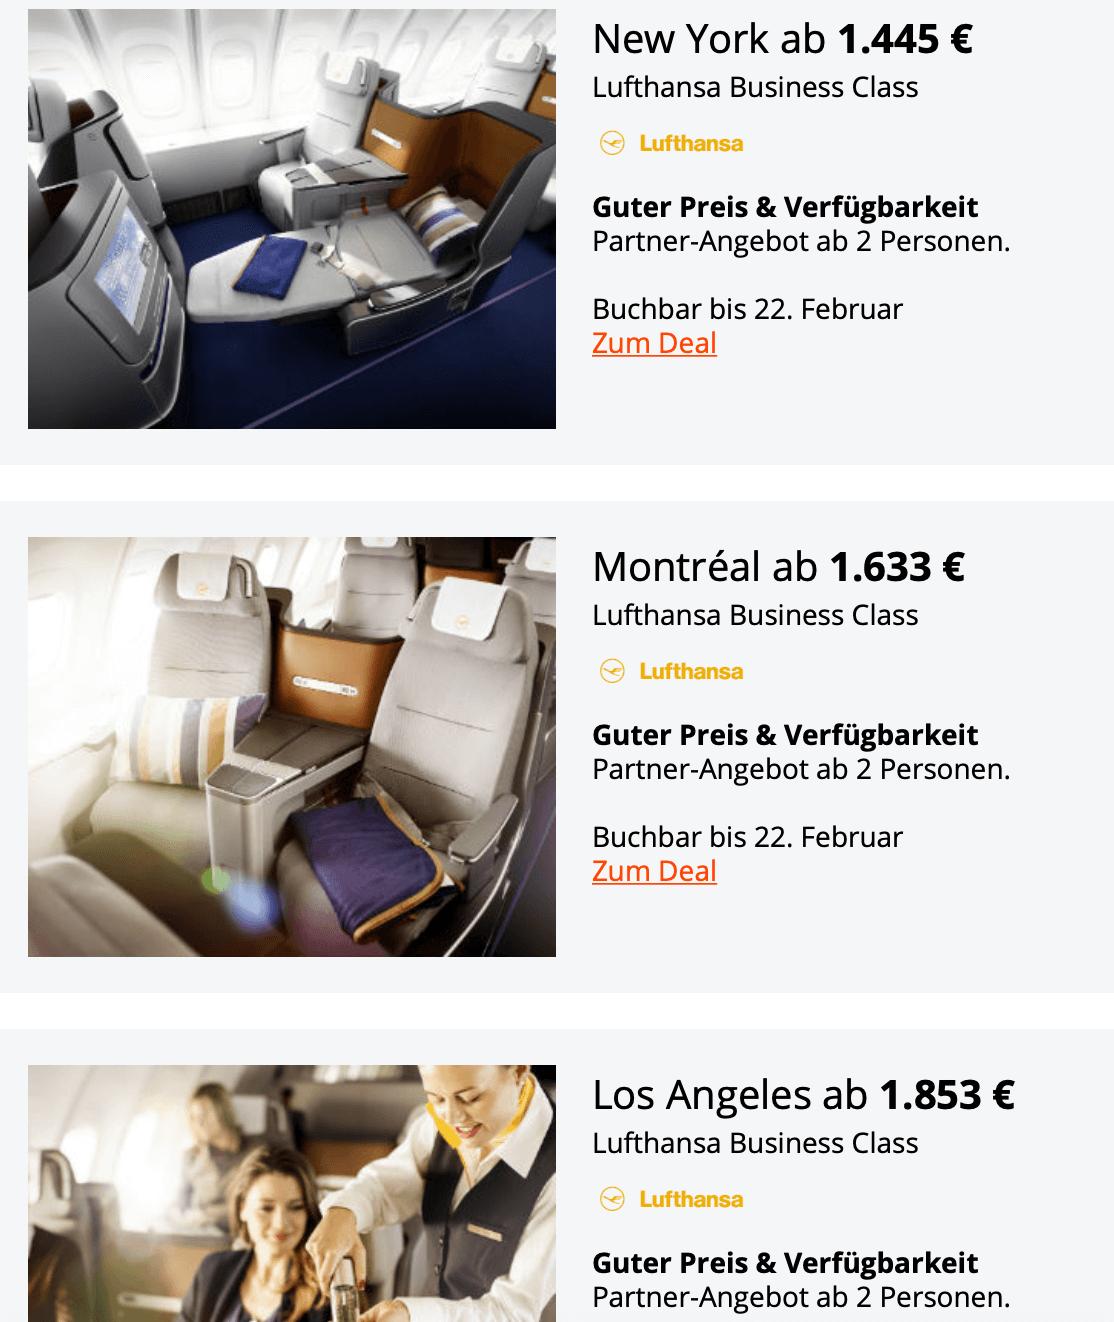 Lufthansa Business Class Partnerangebote 2019